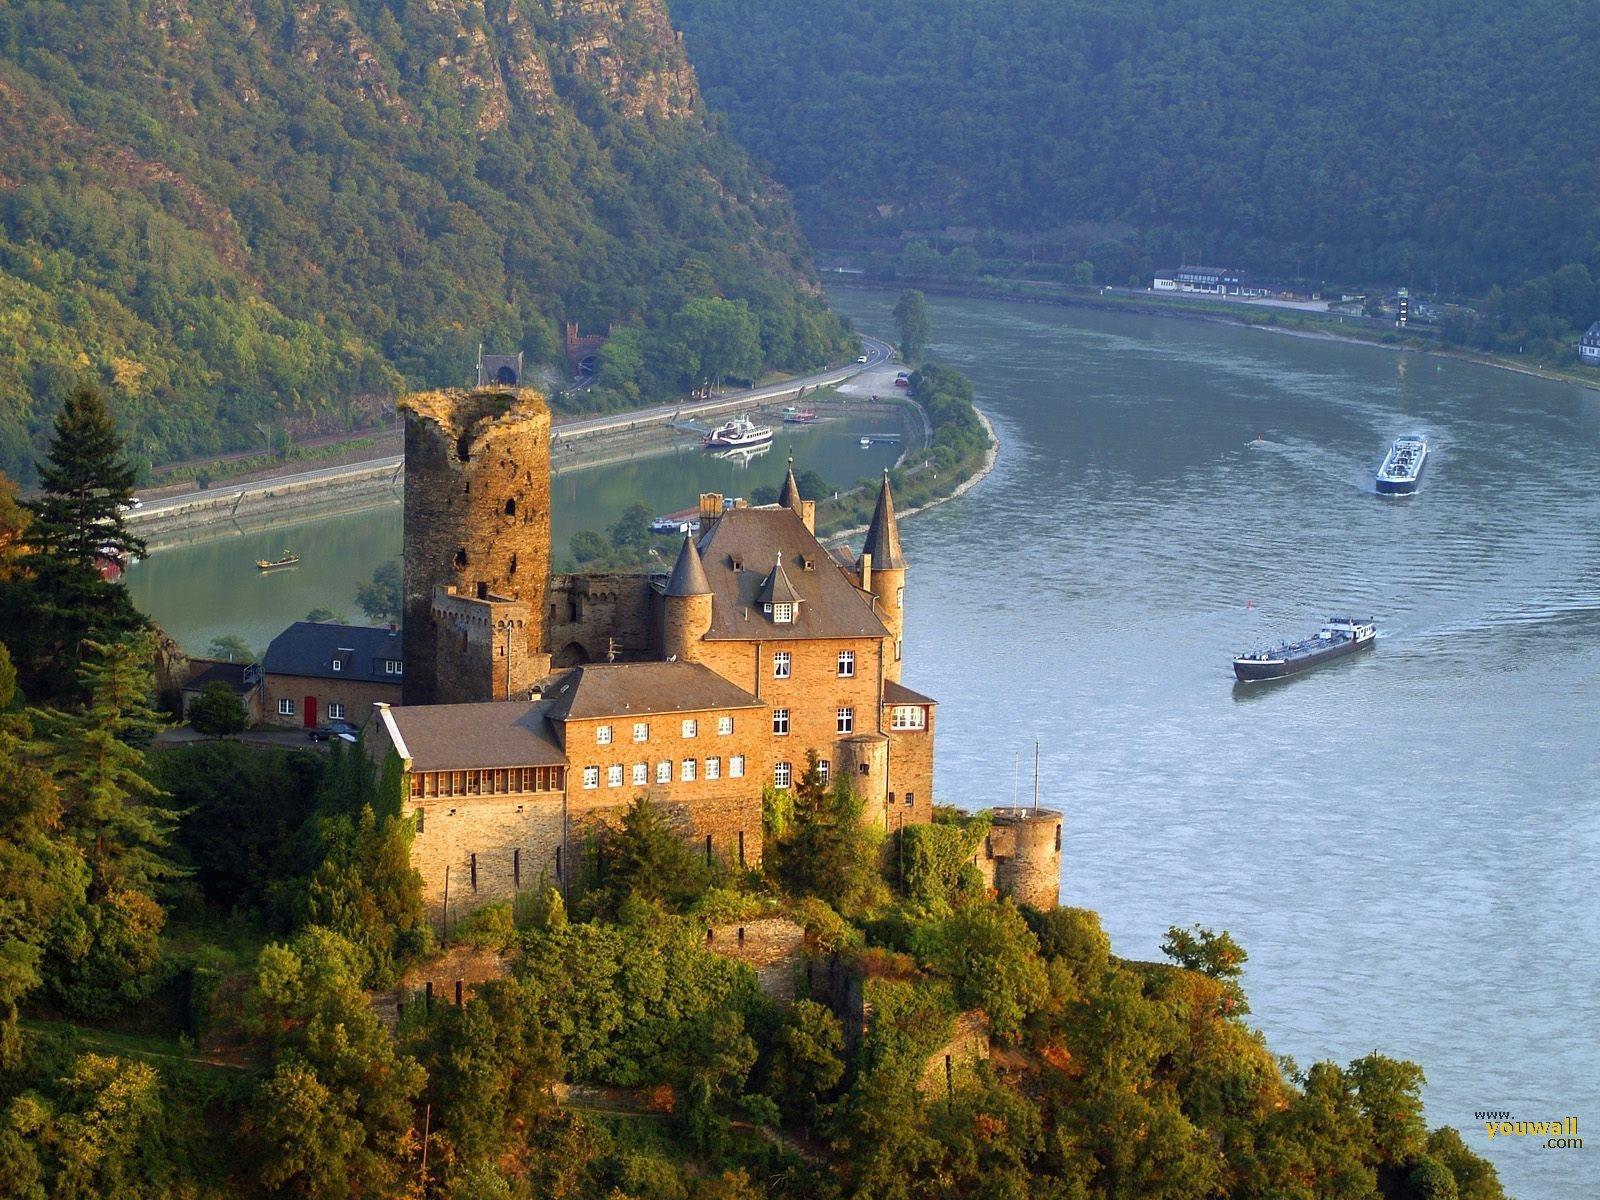 German Castles Wallpaper Youwall   germany   castle wallpaper 1600x1200